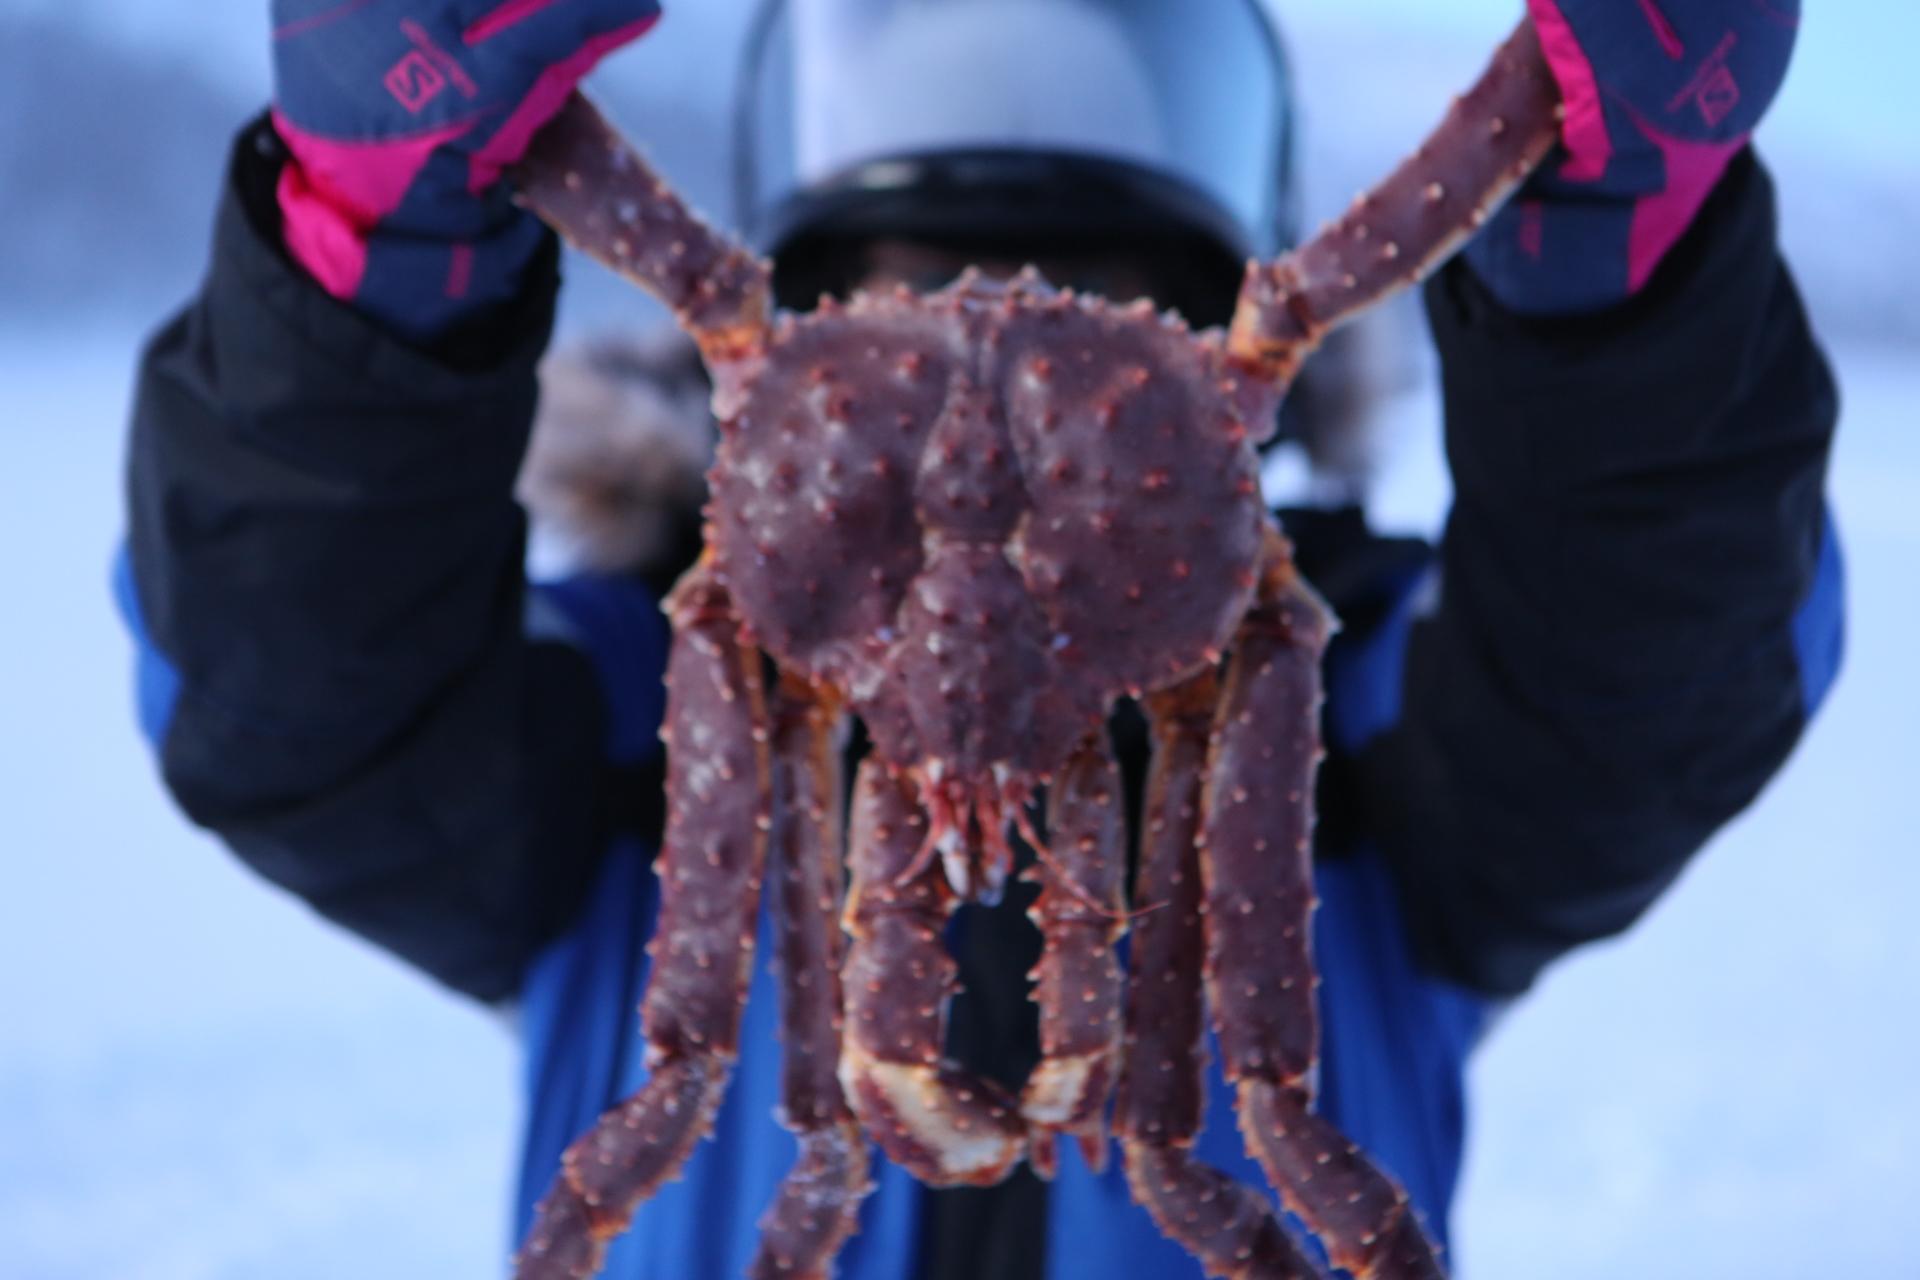 挪威帝王蟹捕捞:品尝巴比伦深海下1000米的美味_游记